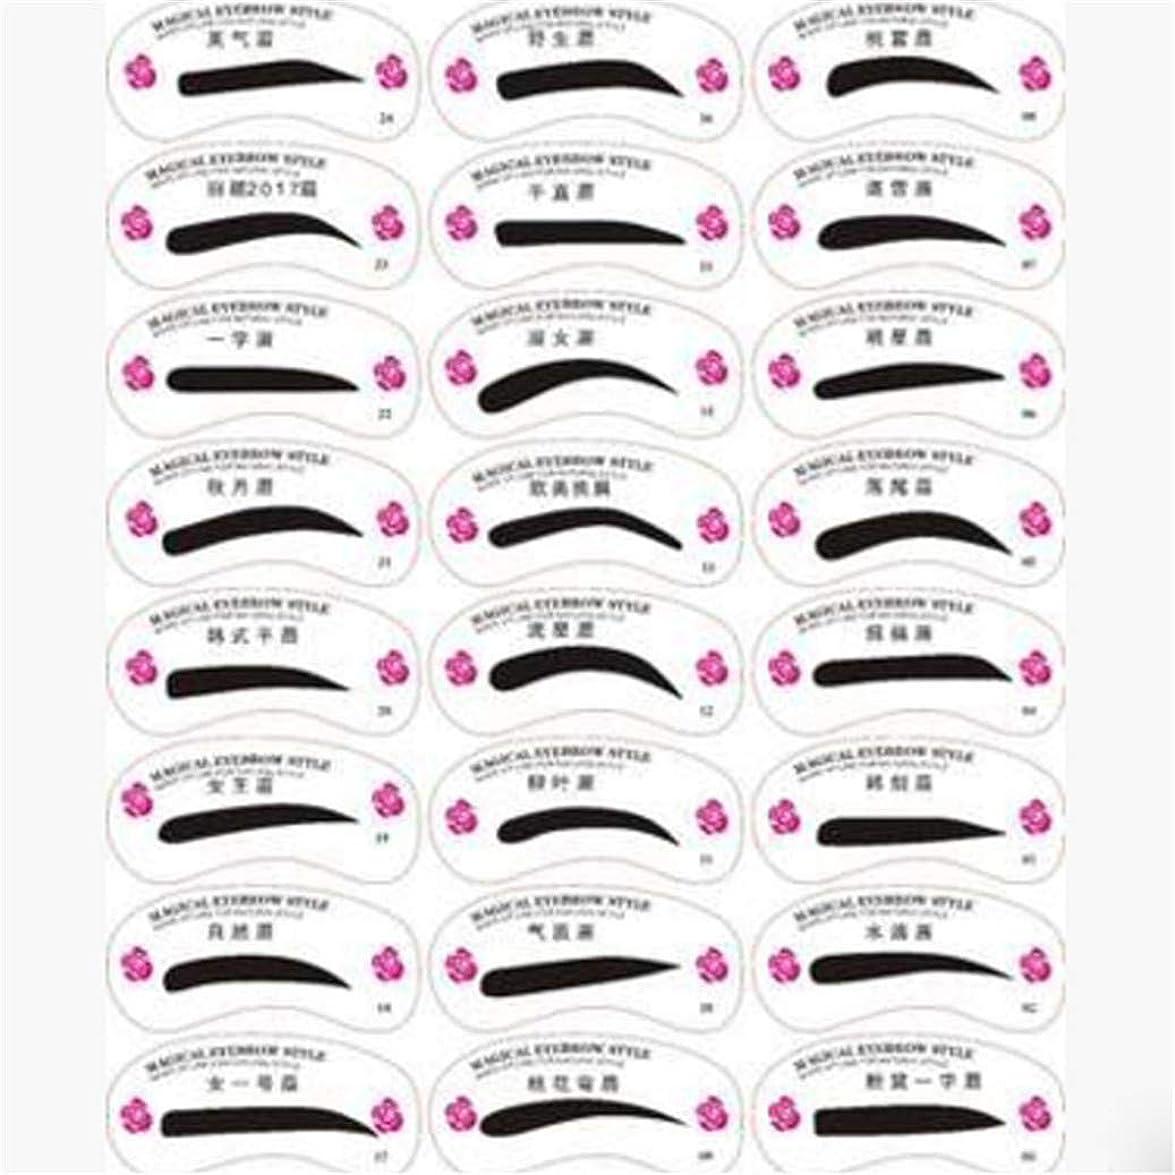 氏狂人弁護士GOMYIE 24ピース眉毛型再利用可能な眉毛描画ガイドカード眉毛成形金型Diy化粧ツール(眉毛カード)